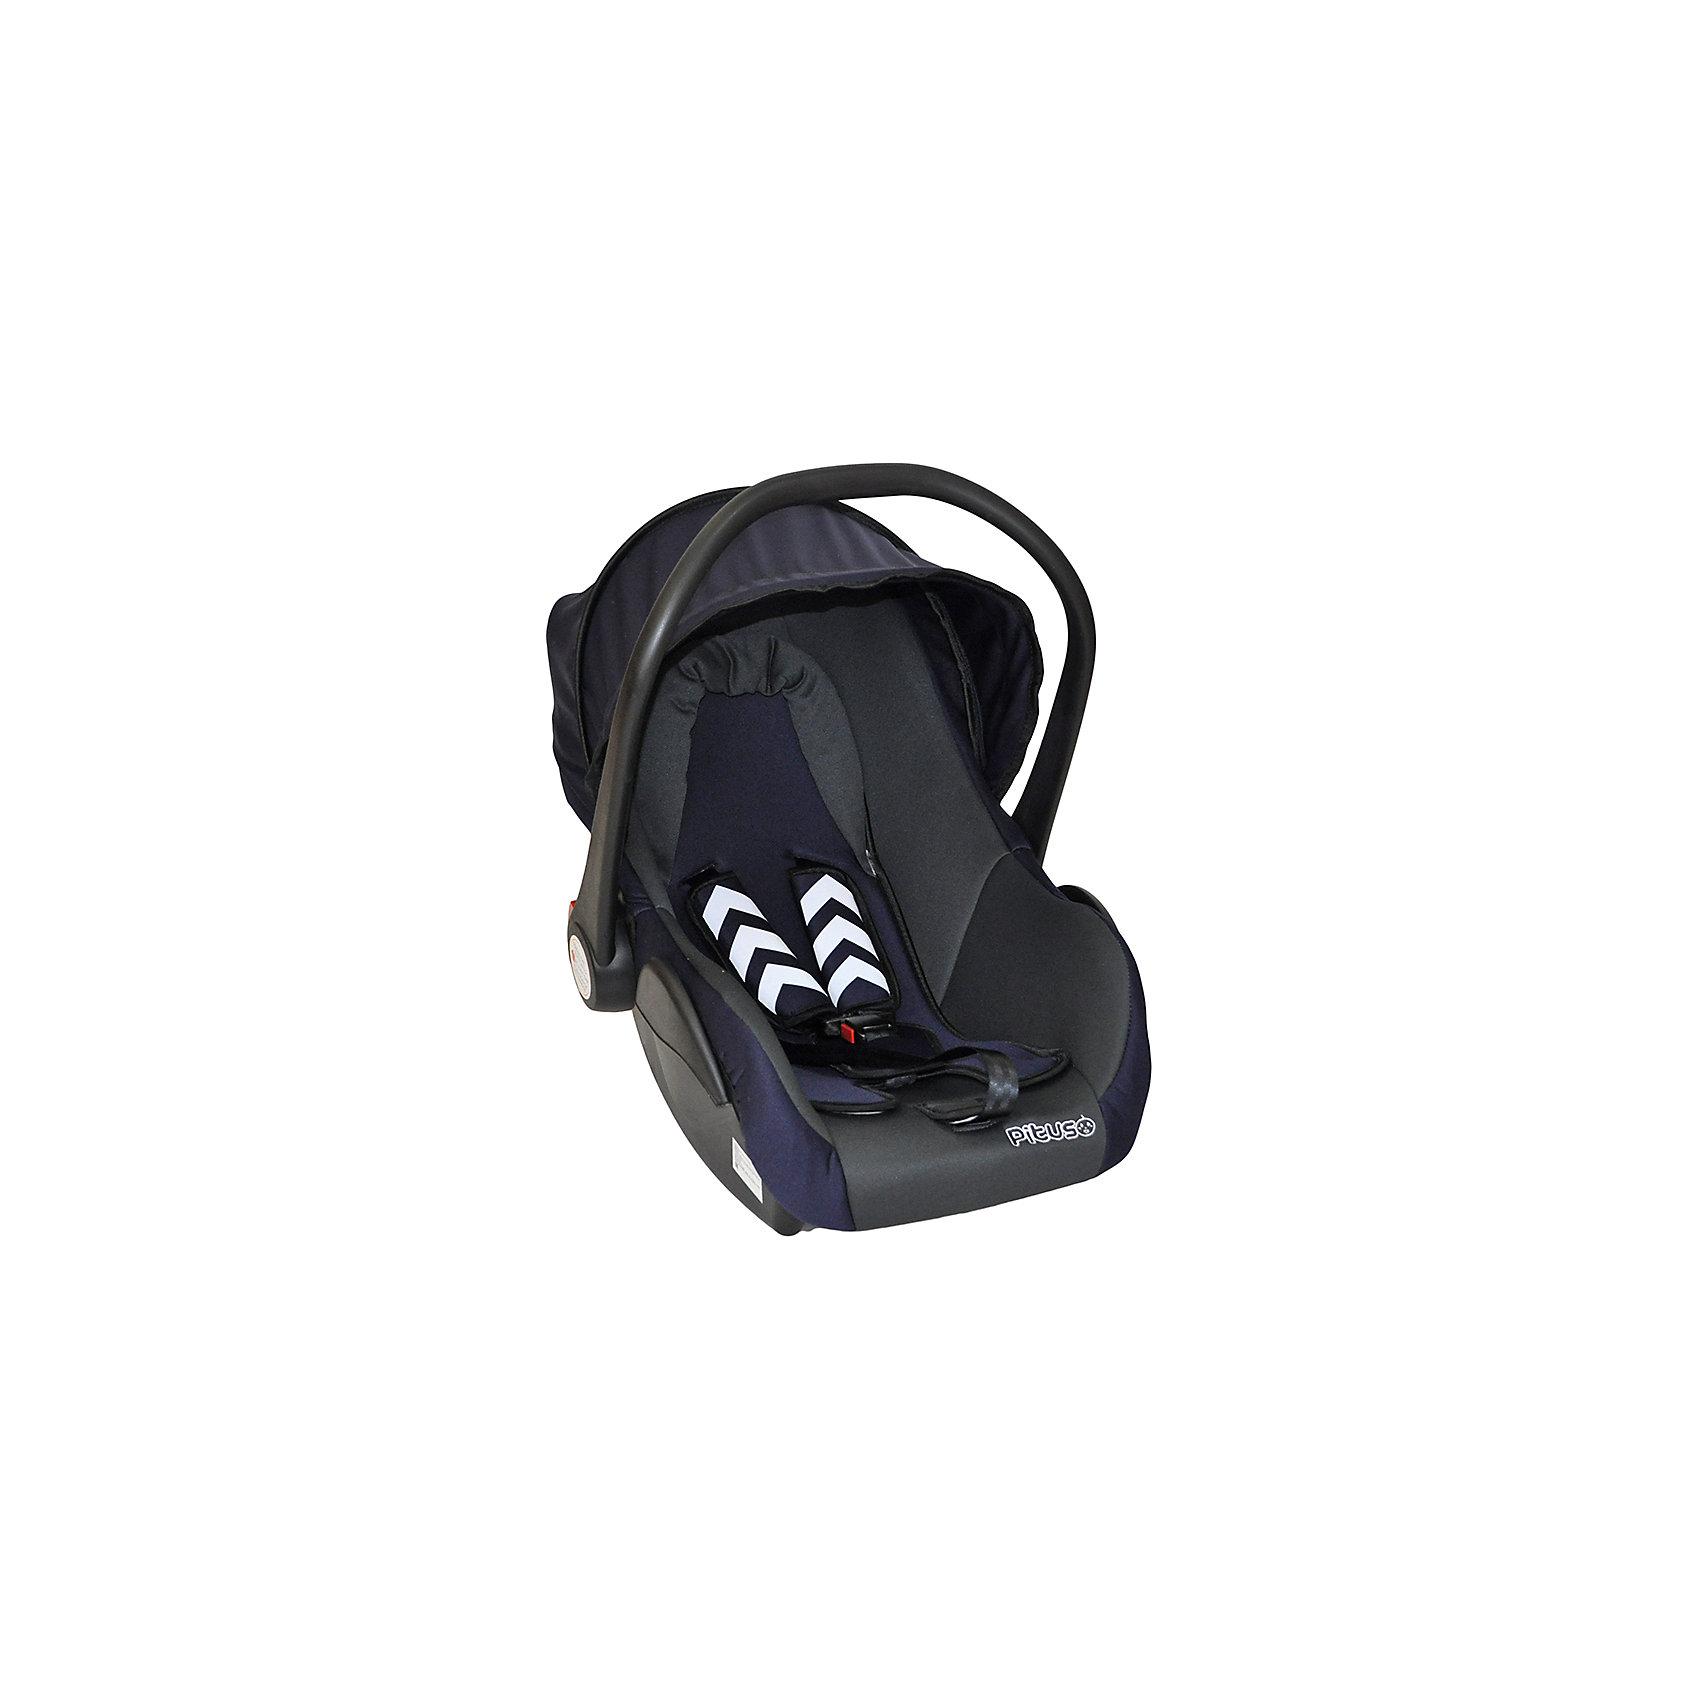 Автокресло Pituso VIGO 0-13 кг, серый/синийГруппа 0+ (До 13 кг)<br>Автокресло VIGO - образец  комфорта и безопасности ребенка! <br>Безопасность обеспечивается трехточечными ремнями безопасности, регулирующимися  по высоте, формой и  анатомическим вкладышем учитывающим все особенности тела маленького ребенка, экологически чистыми  материалами. Ручка удобна тем, что имеет три положения: вертикальное – для переноски кресла вместе с малышом, среднее – чтобы было удобно доставать ребенка, горизонтальное –  для придания устойчивости стоящему креслу. Над головой у ребенка есть съемный капюшон, который защищает малыша от ветра, солнца, дождя, а на ремнях – мягкие вкладыши, которые обеспечат комфорт ребенка во время длительных поездок.<br><br>Характеристики:<br>- Группа: 0+(от 0 до 13 кг).<br>- 3-точечные ремни безопасности.<br>- Спинка не регулируется.<br>- Регулируемая ручка 3 позиции.<br>- Вид крепления: штатным ремнем автомобиля.<br>- Способ установки: на заднем сиденье лицом против направления движения  и на переднем сиденье только в том случае, если подушка безопасности отключена.<br><br>Дополнительная информация:<br><br>- Возраст: от 1 до 9 месяцев.<br>- Материал: пластик, текстиль.<br>- Цвет: серый/синий.<br>- Размер упаковки: 60х40х50 см.<br>- Вес в упаковке: 3 кг.<br><br>Купить автокресло VIGO 0-13 кг, Pituso, в цветах серый/синий, можно в нашем магазине.<br><br>Ширина мм: 600<br>Глубина мм: 400<br>Высота мм: 500<br>Вес г: 3000<br>Возраст от месяцев: 0<br>Возраст до месяцев: 12<br>Пол: Мужской<br>Возраст: Детский<br>SKU: 4828327